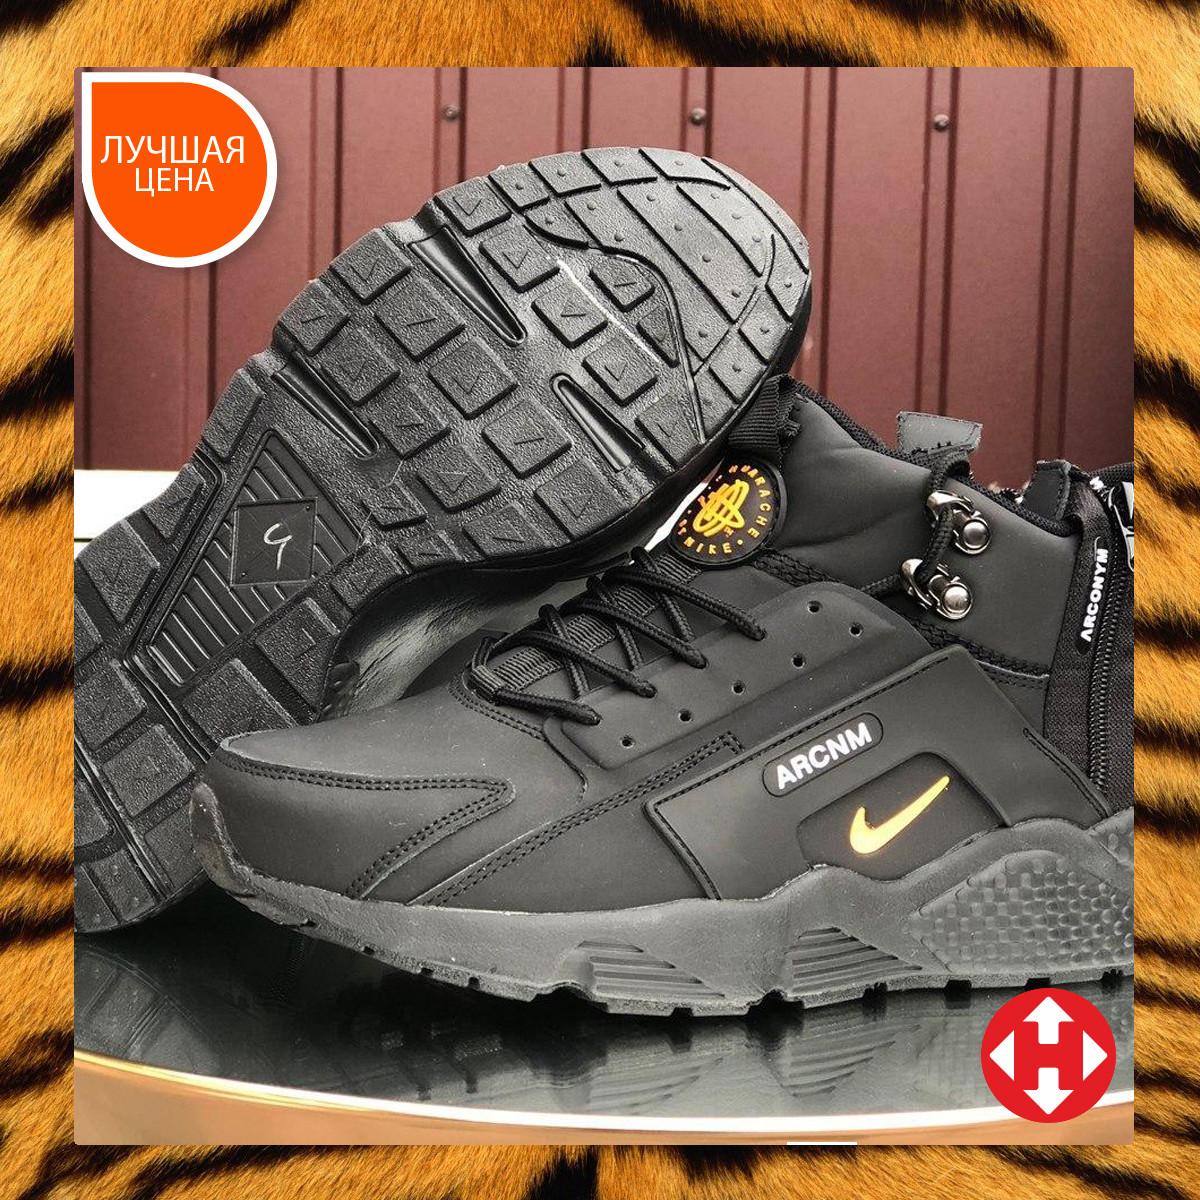 🔥 Кроссовки ботинки мужские зимние Nike Huarache черные кожаные кожа нубук теплые на меху меховые